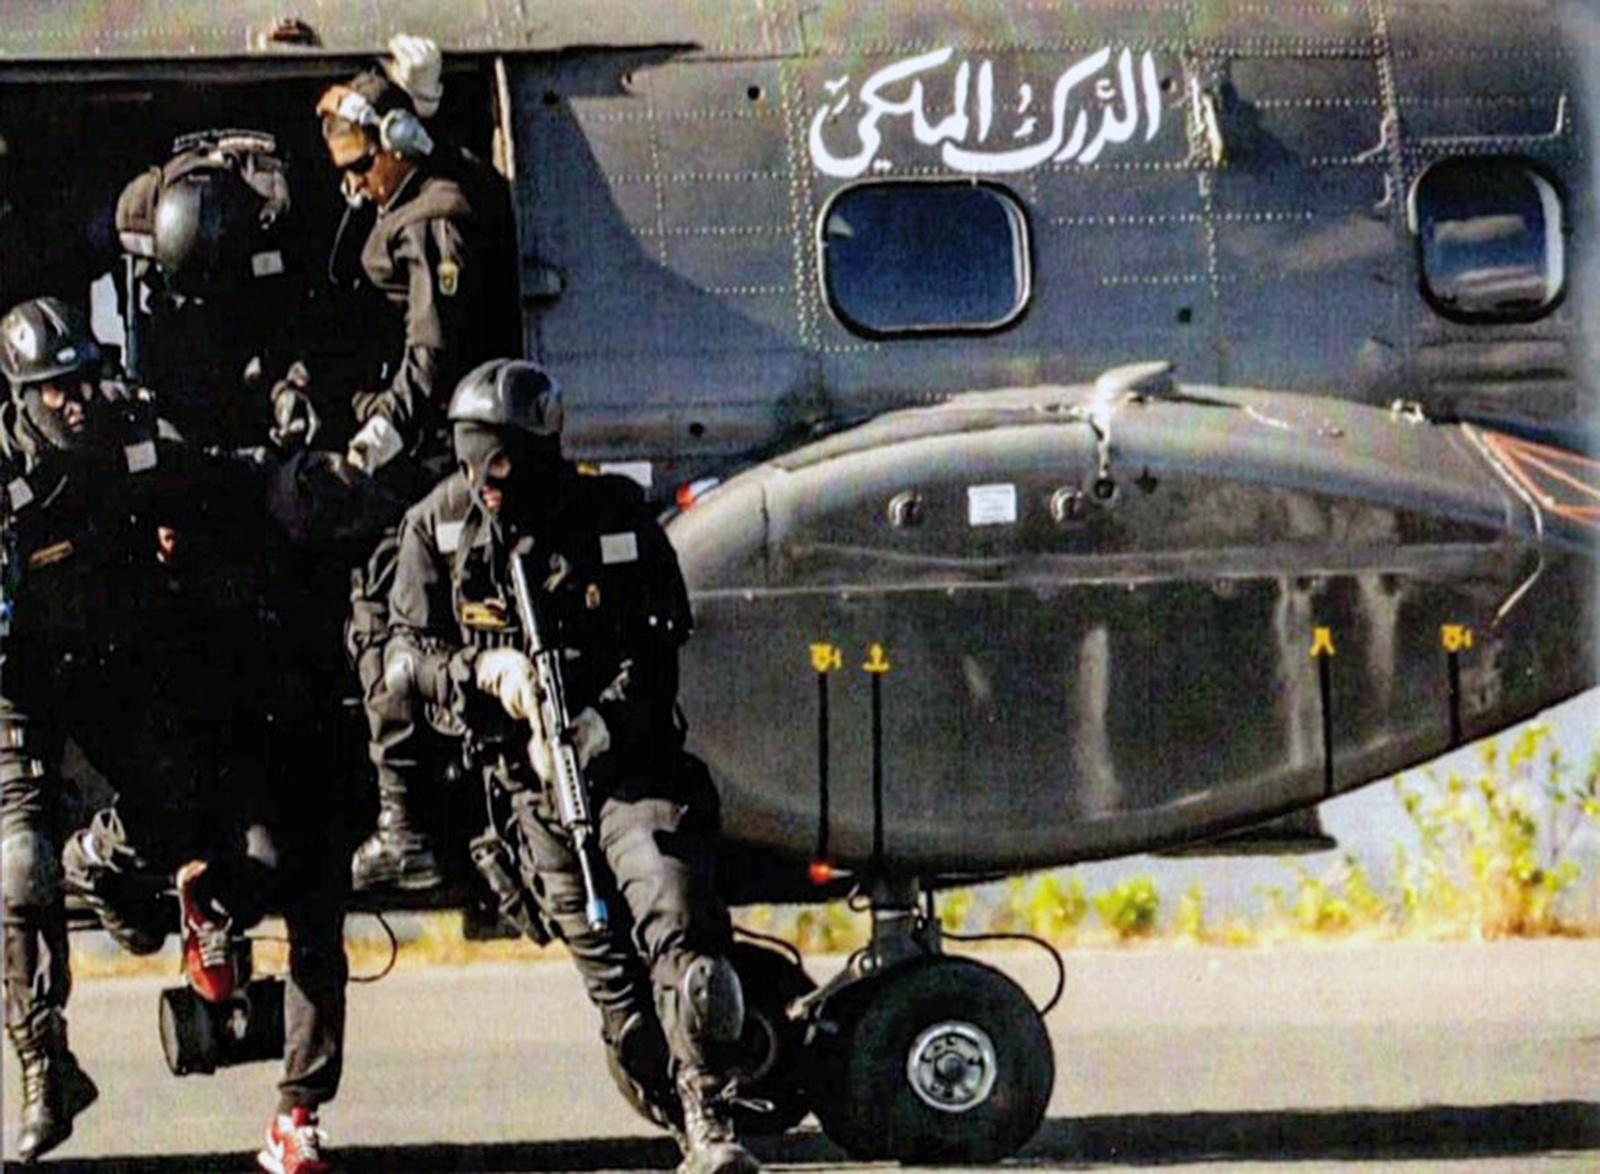 Moroccan Special Forces/Forces spéciales marocaines  :Videos et Photos : BCIJ, Gendarmerie Royale ,  - Page 17 -RUyleGnKtU